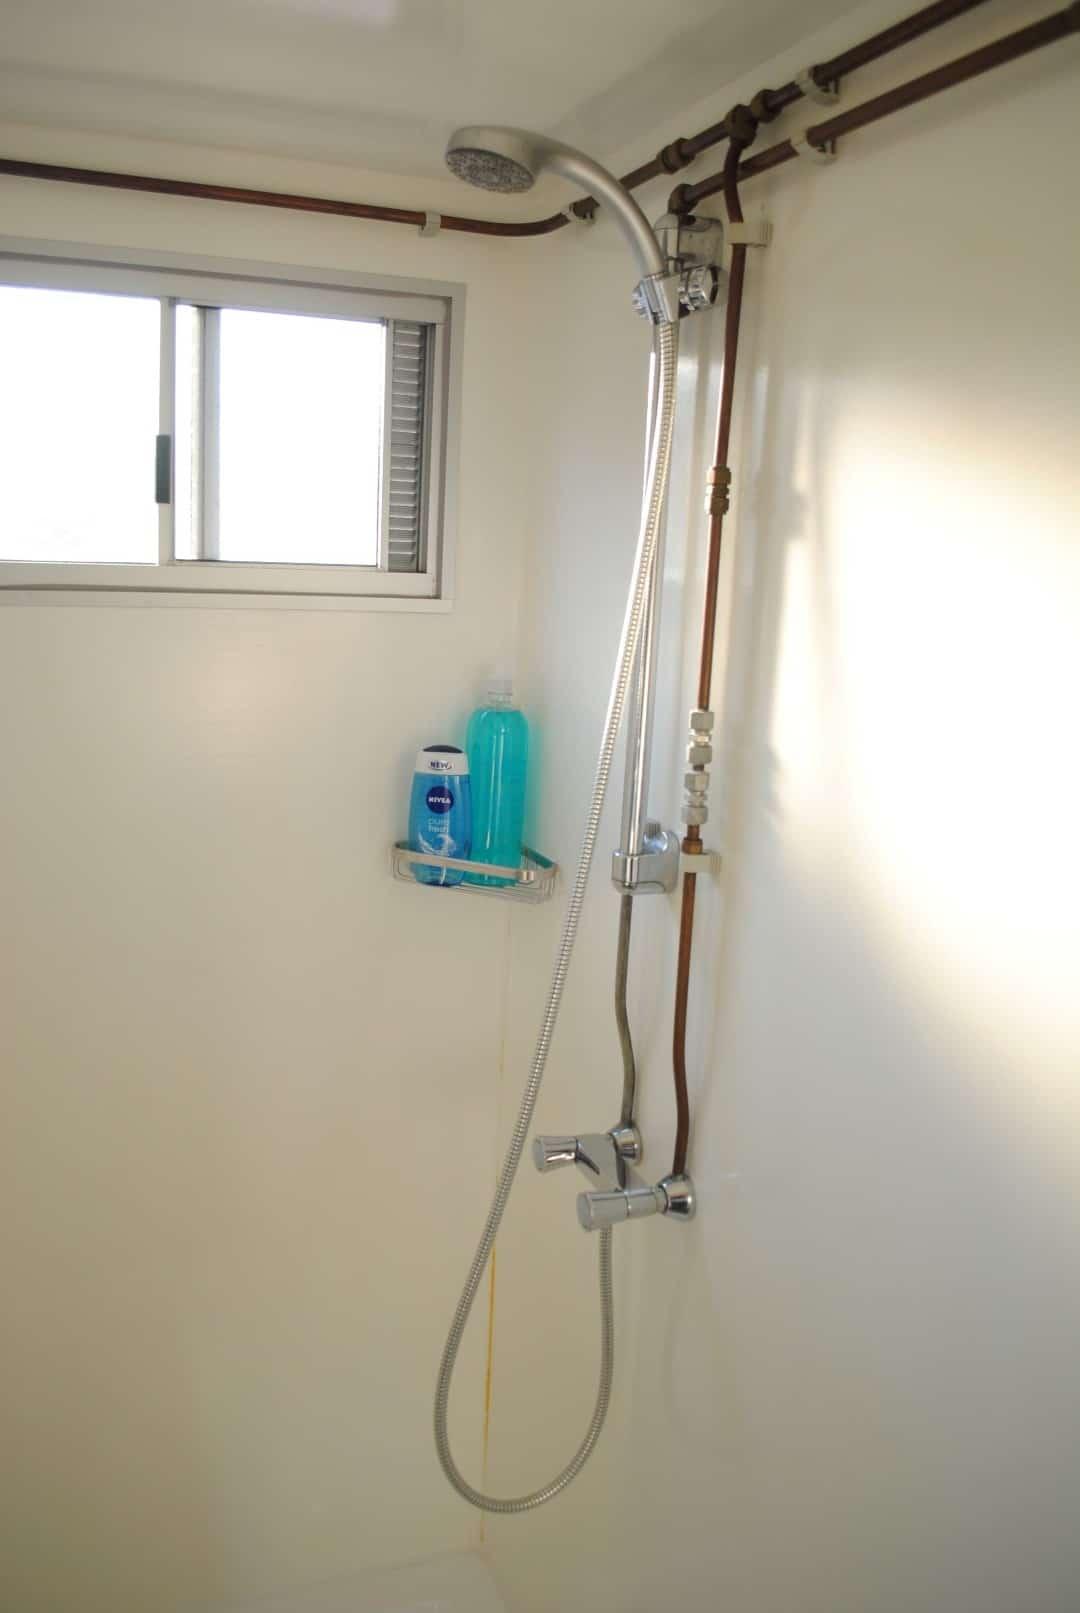 Mobiele badkamer huren - De oplossing tijdens een verbouwing!